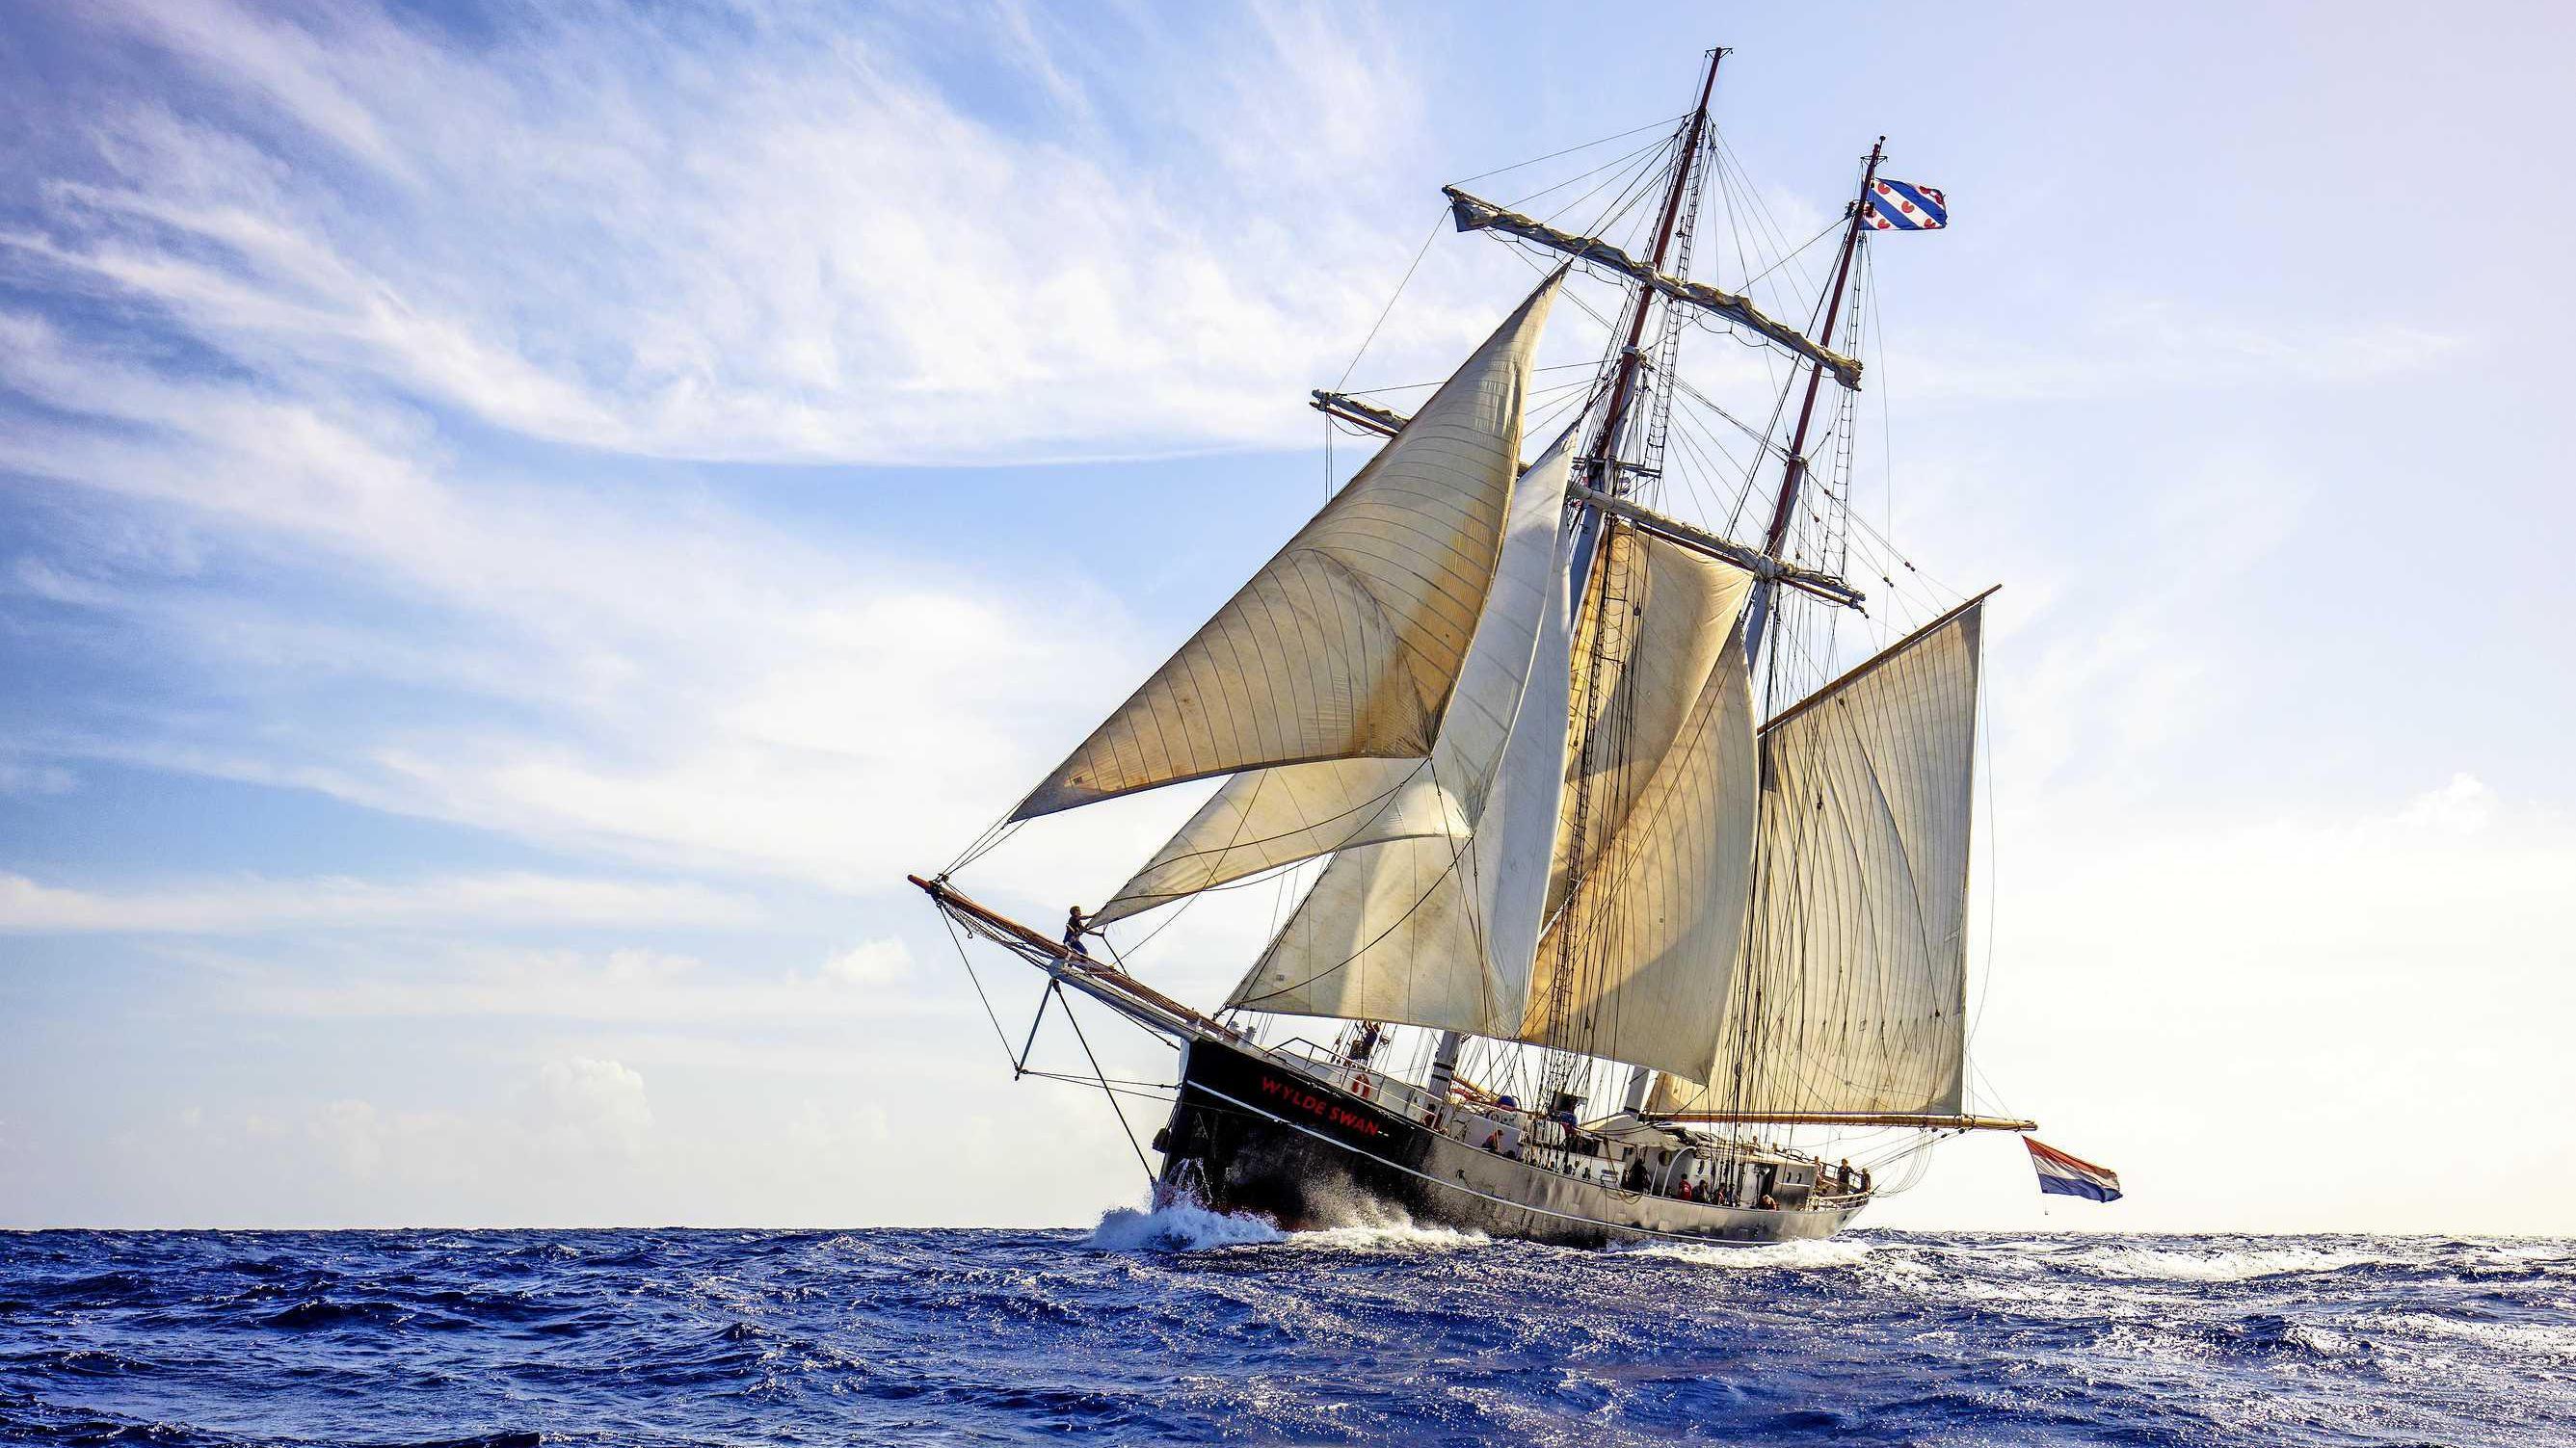 Nederlandse kinderen vast op zeilschip in Cariben door corona ...